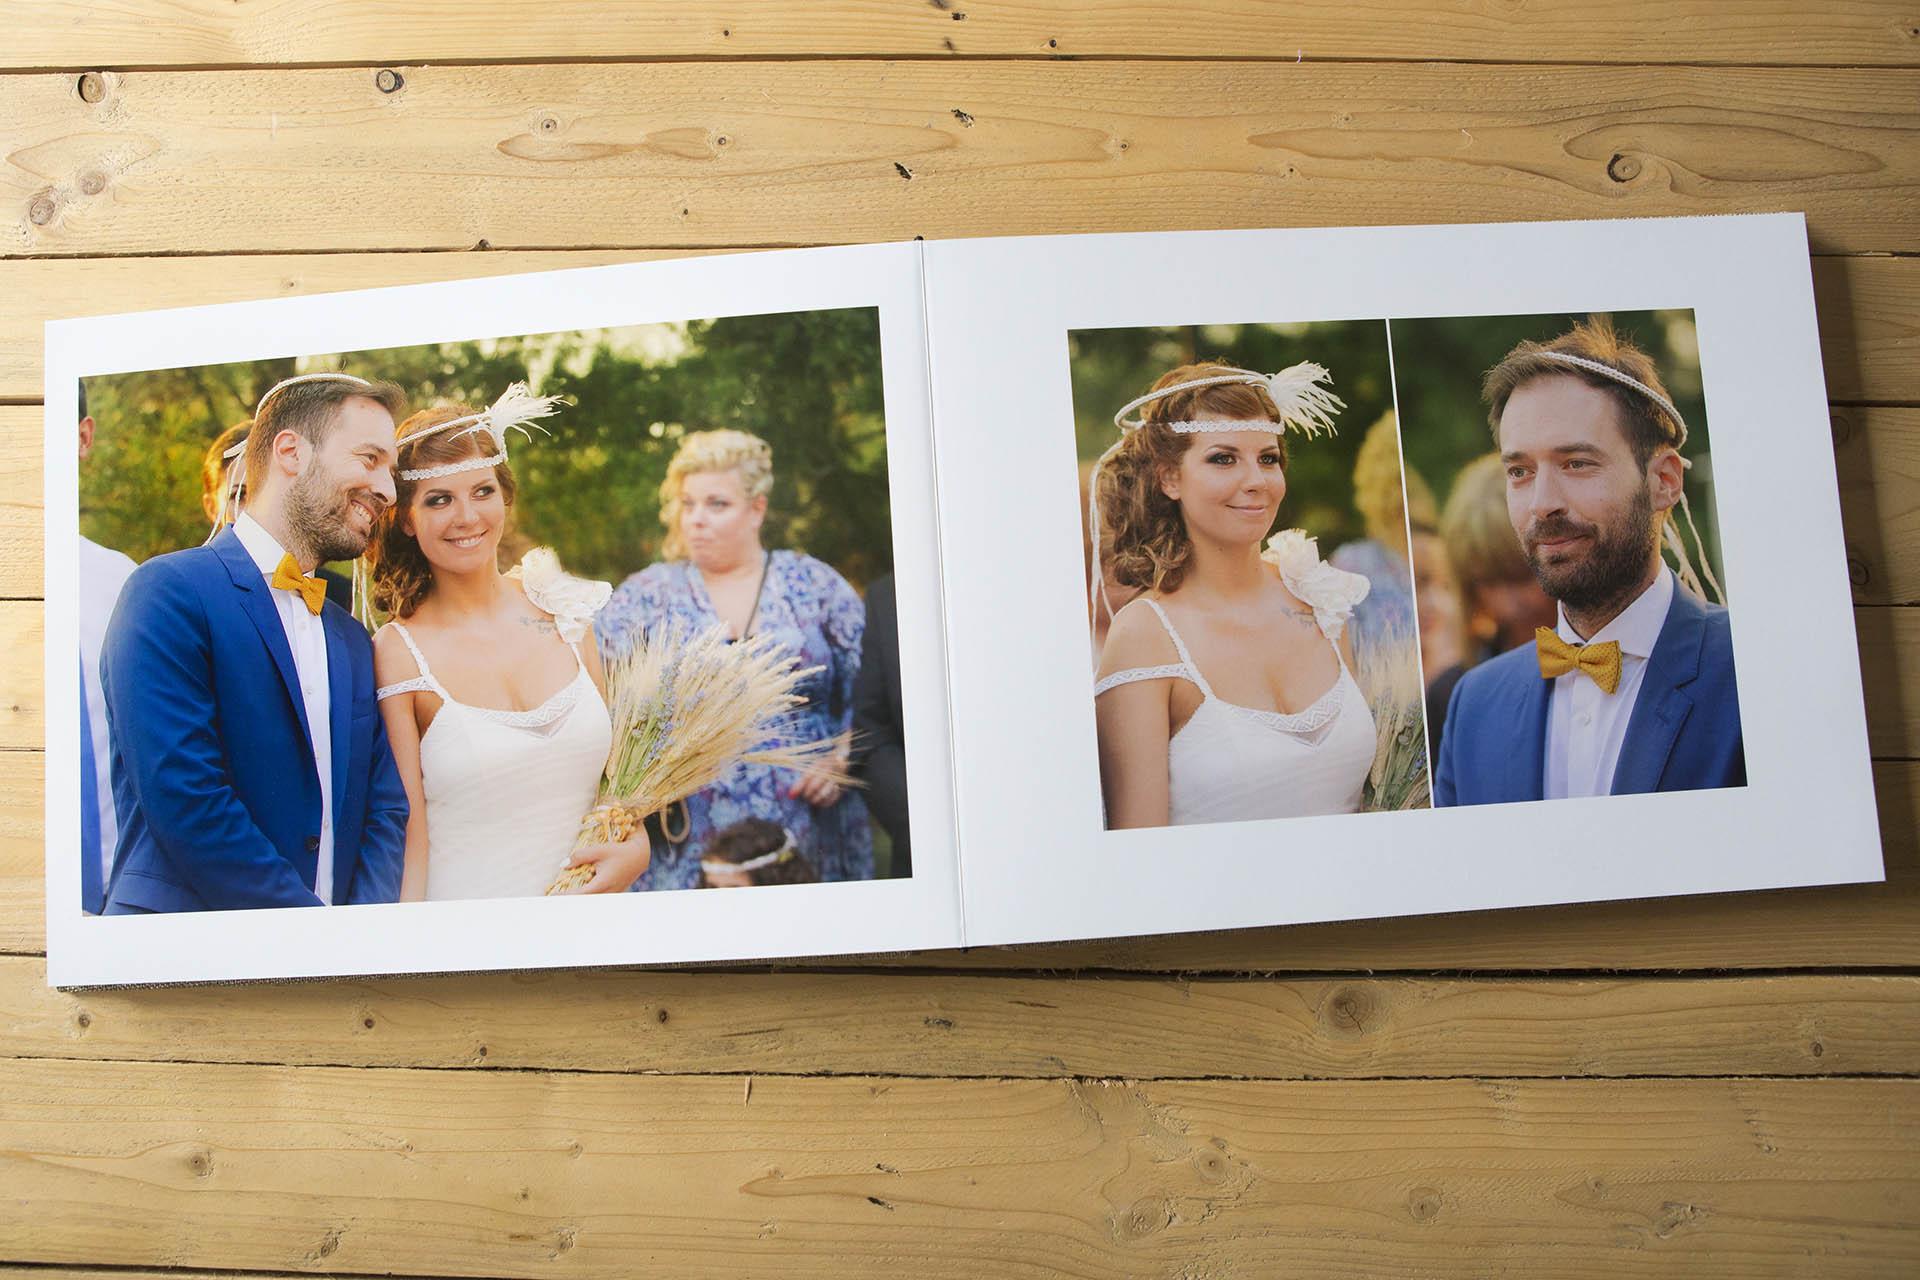 Άλμπουμ γάμου φωτογραφία γάμου Θεσσαλονίκη